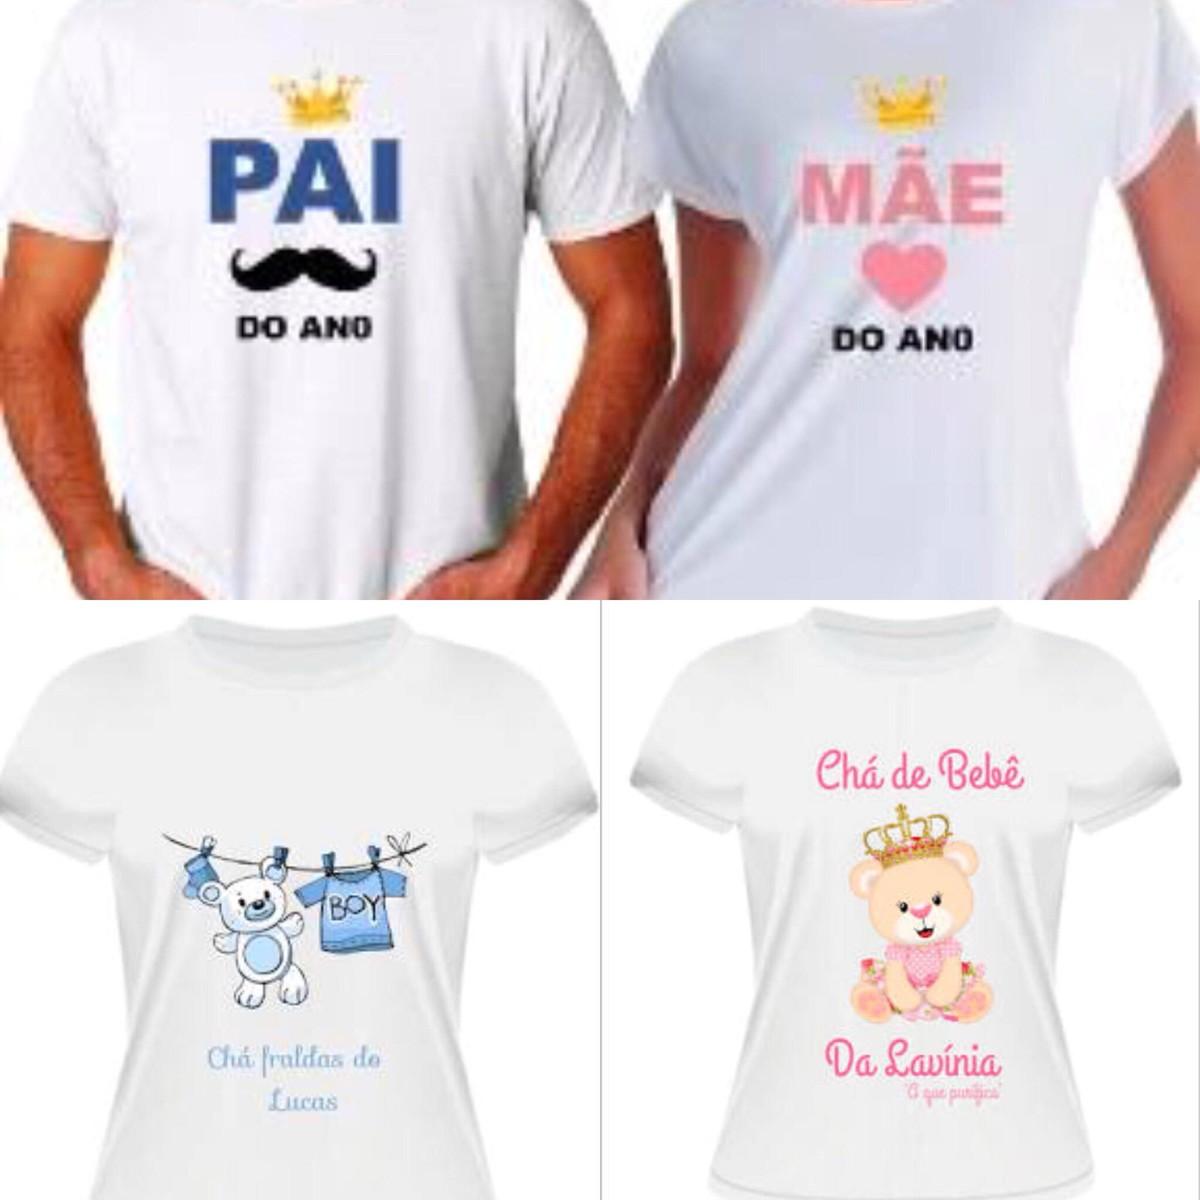 Camisetas Estampadas - Personalizadas no Elo7  f36fb525ba3